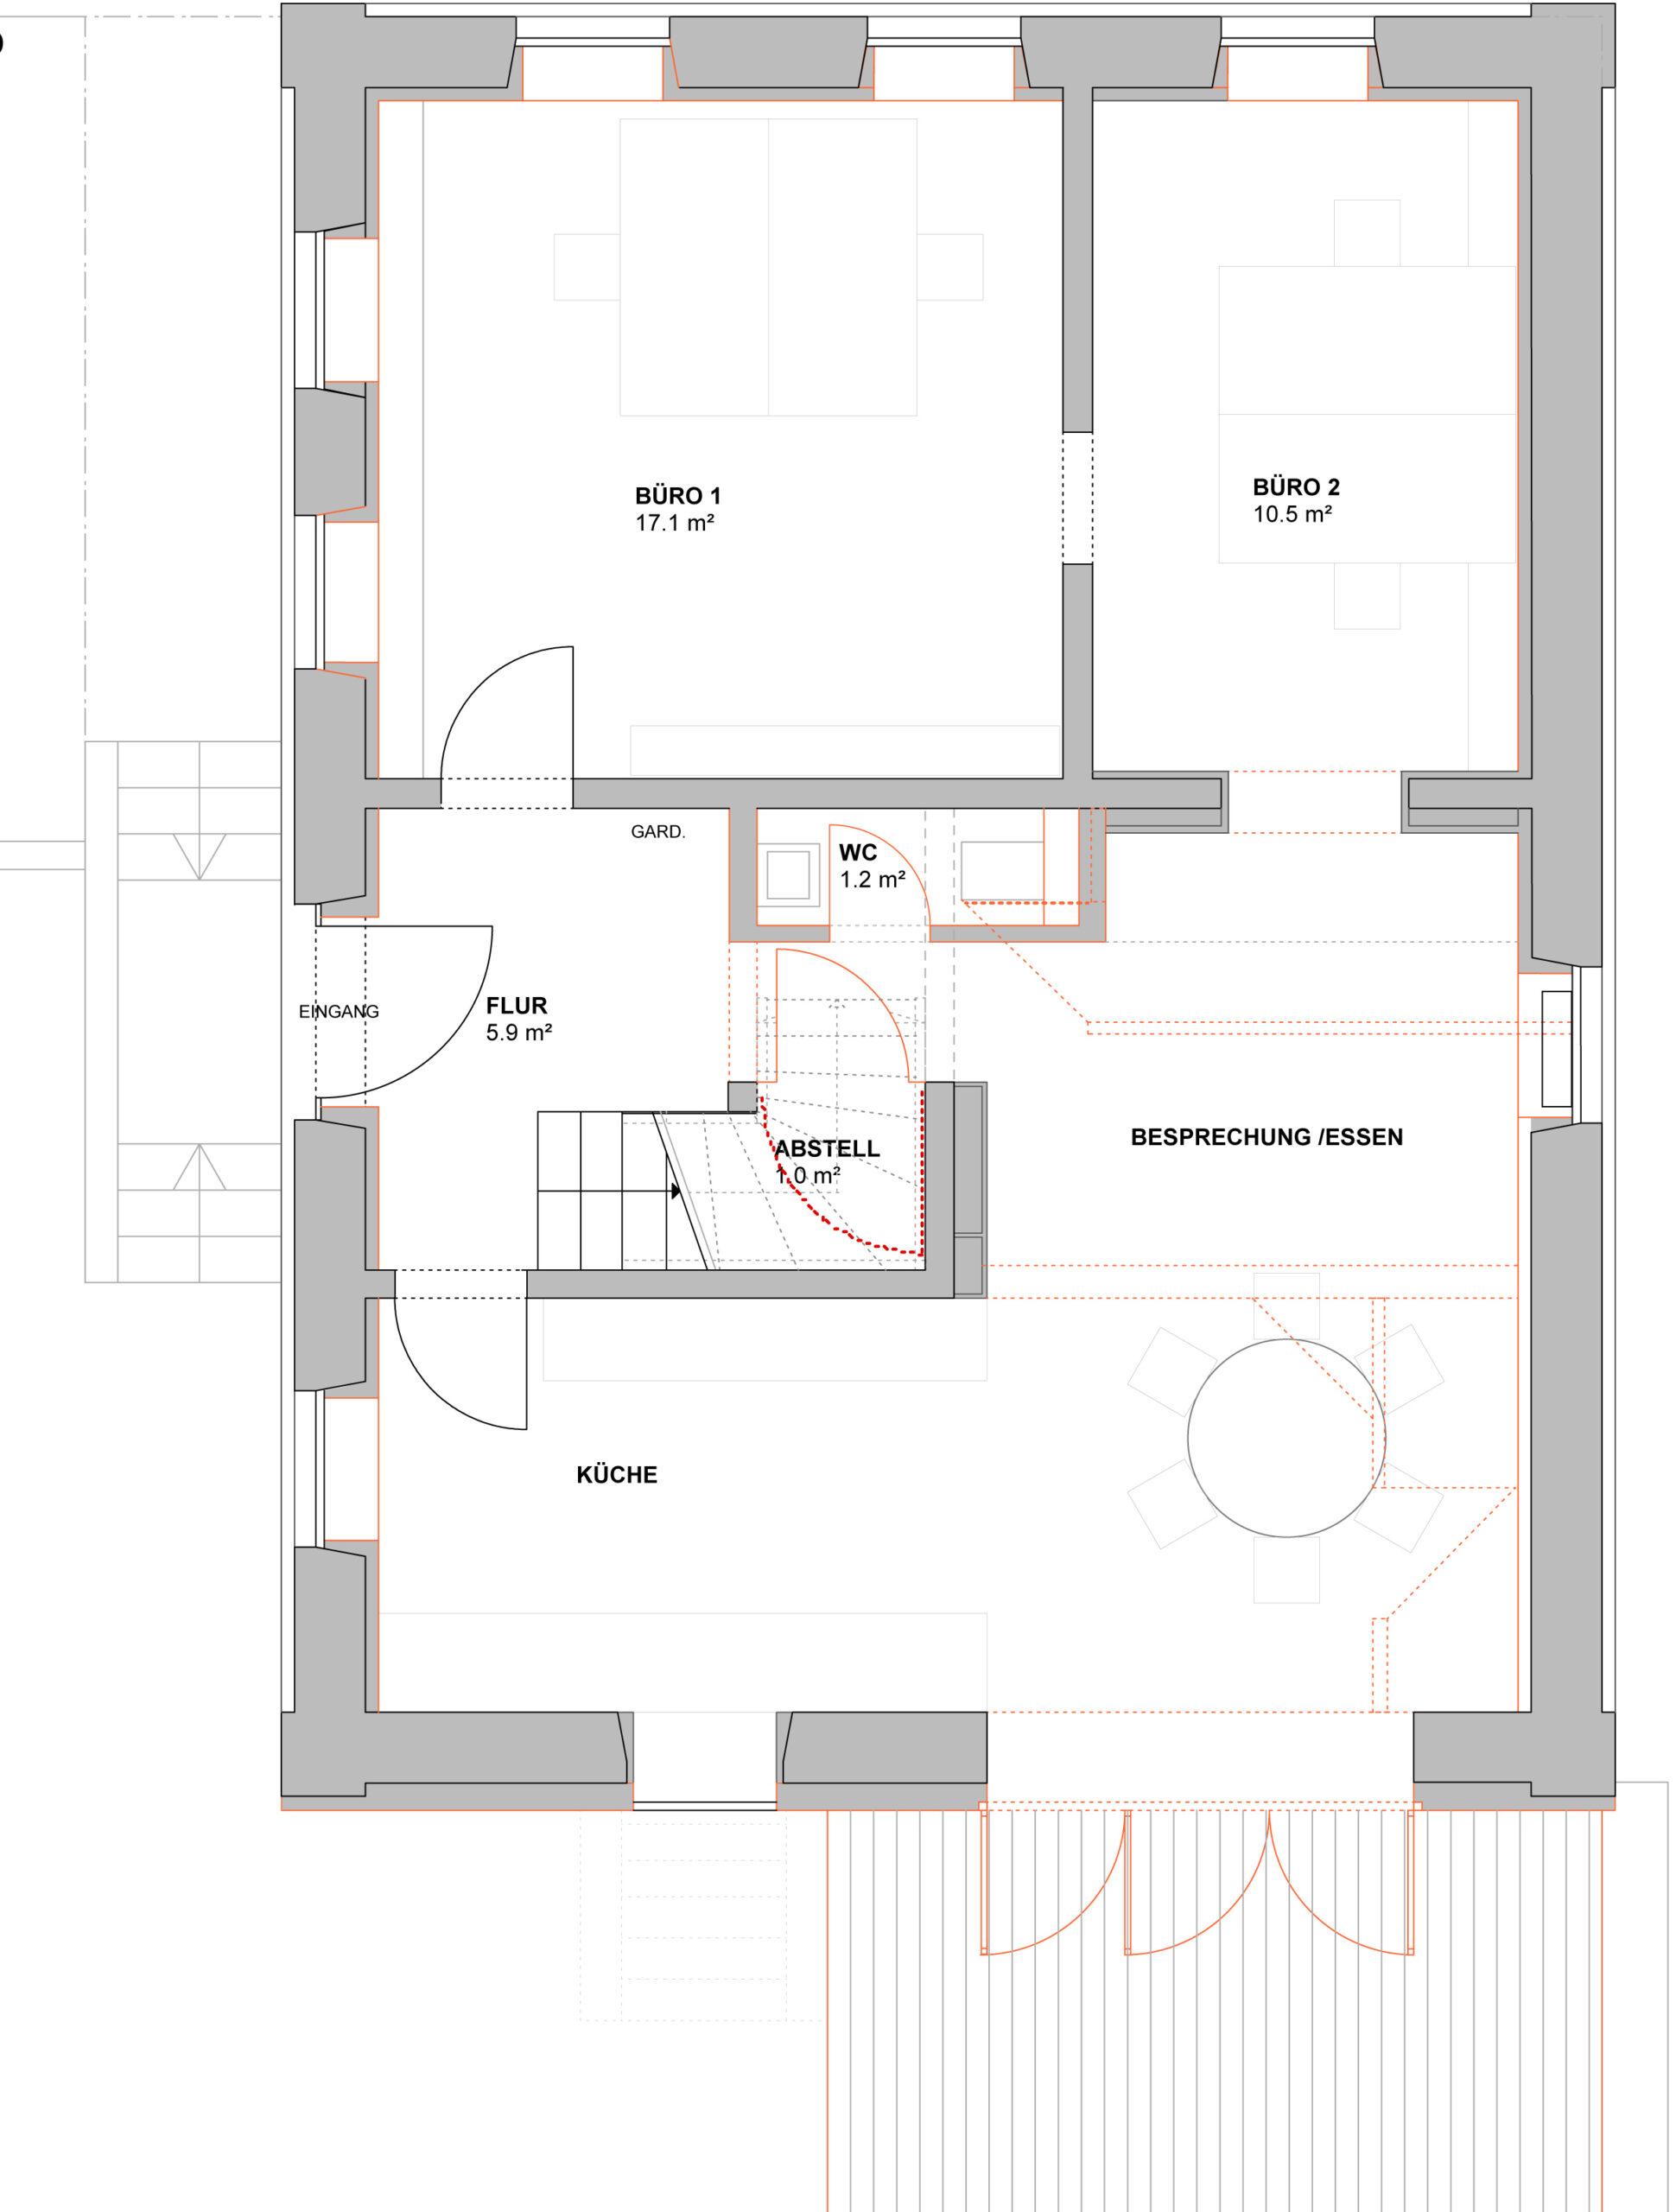 052_Wohnhaus Tovar mit Büro_Grundriss Erdgeschoss_FFM-ARCHITEKTEN